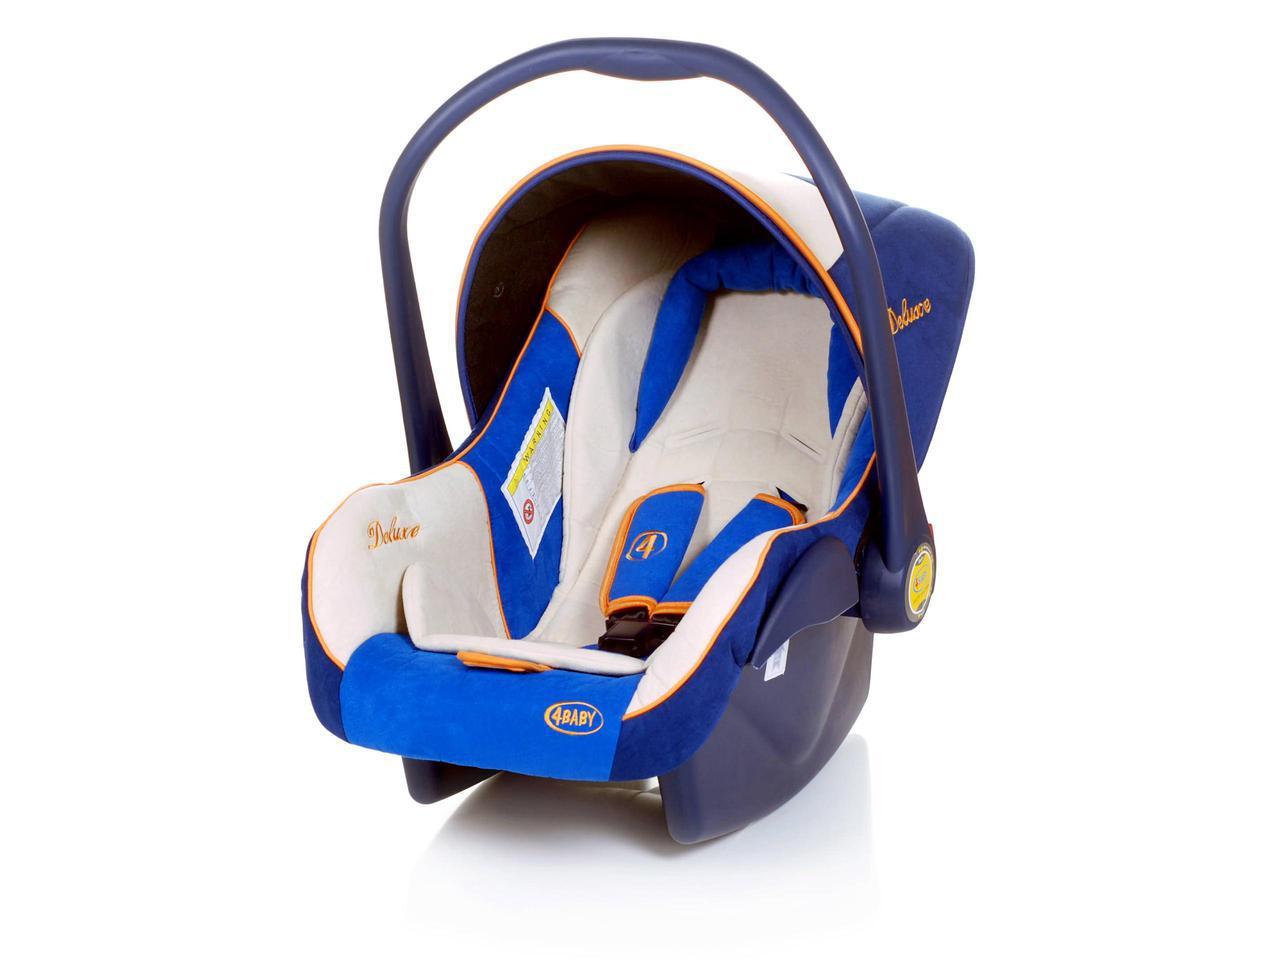 Детское автокресло Colby Deluxe 0-13 кг